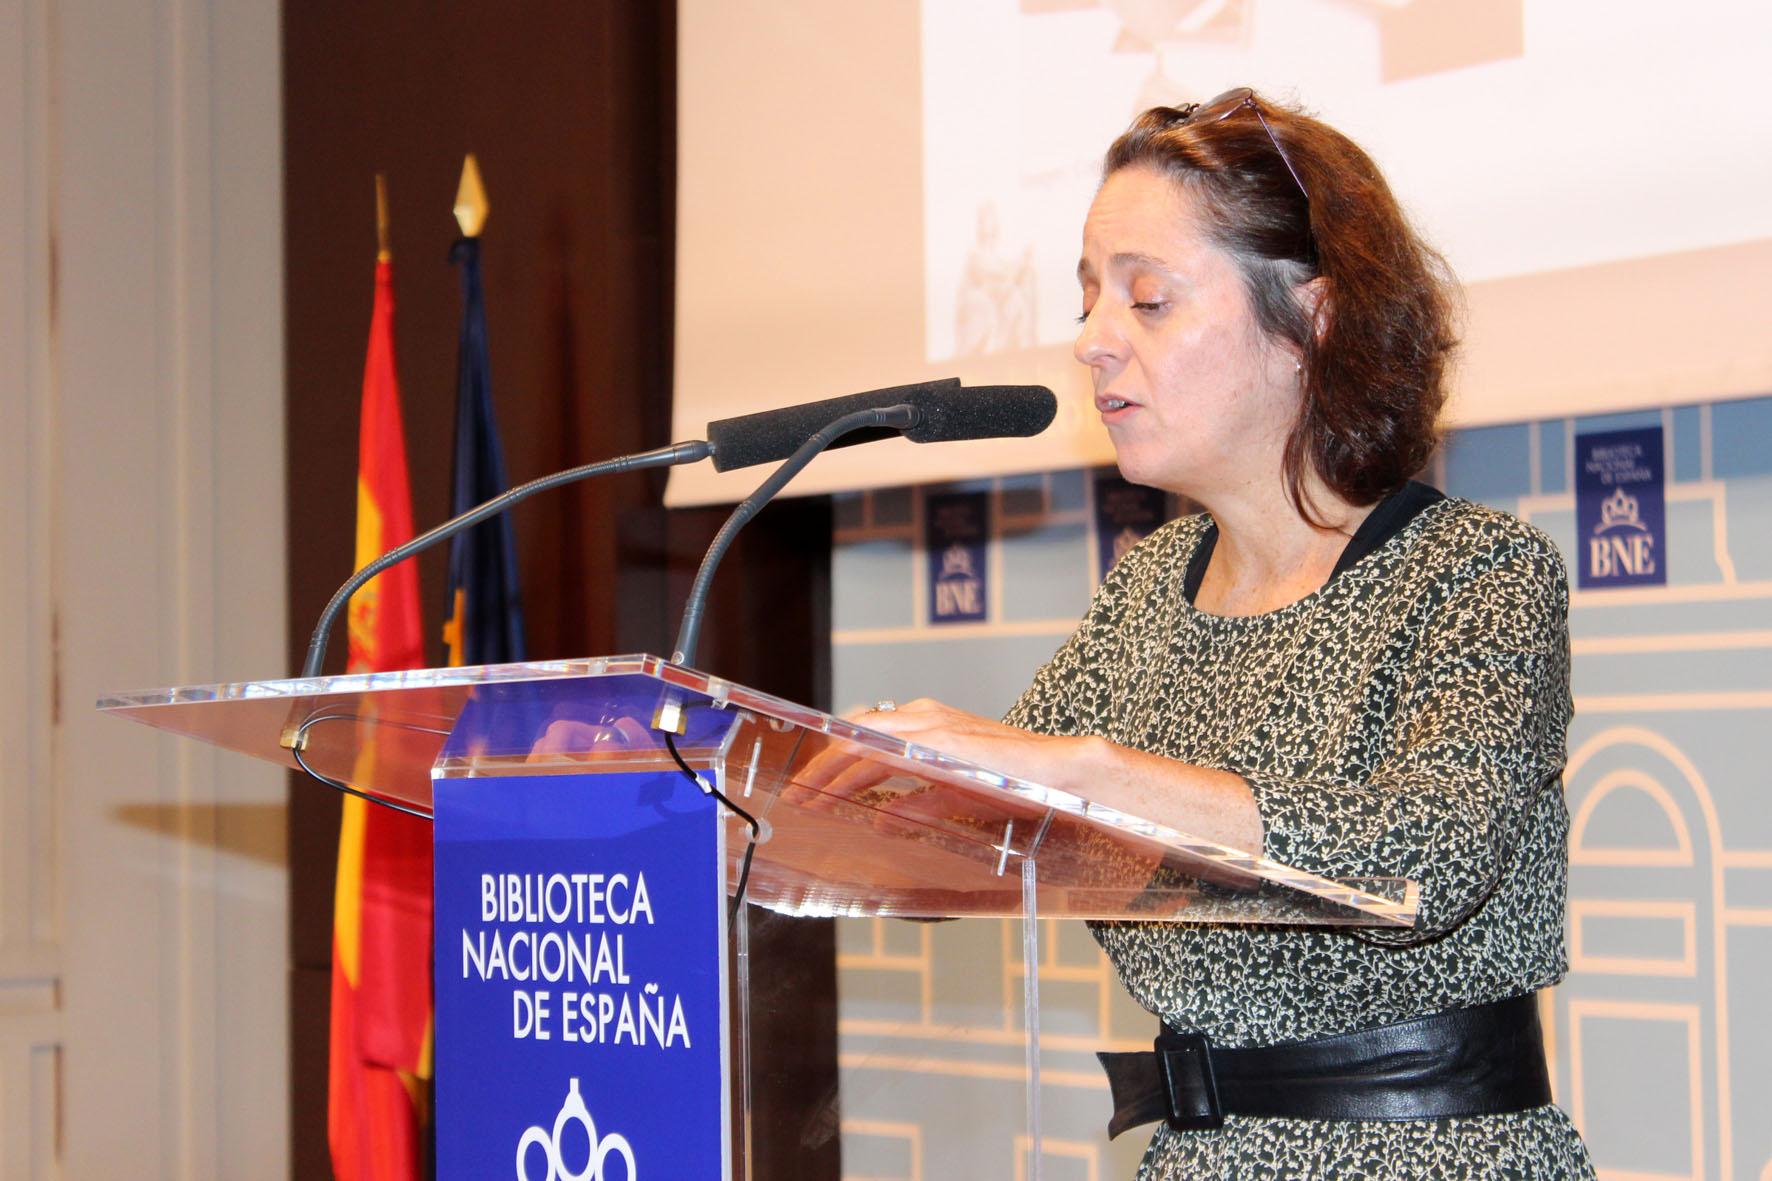 2016 Marta Sanz